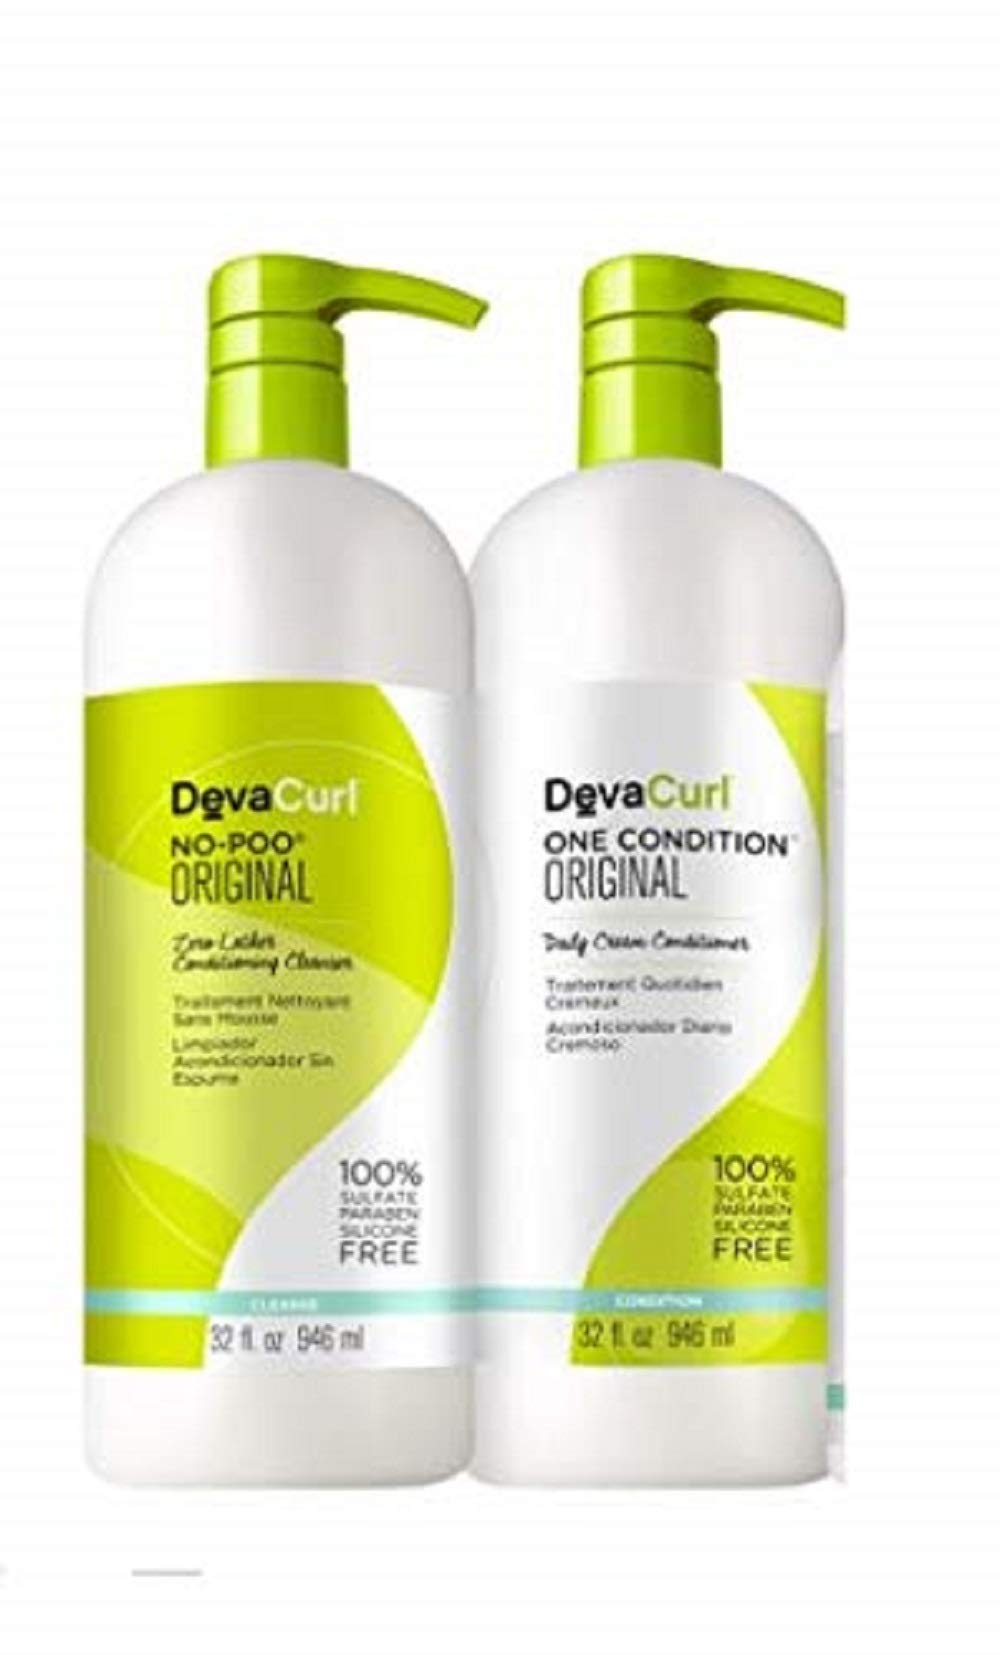 DevaCurl DUO - One Condition 32oz + No-Poo 32oz